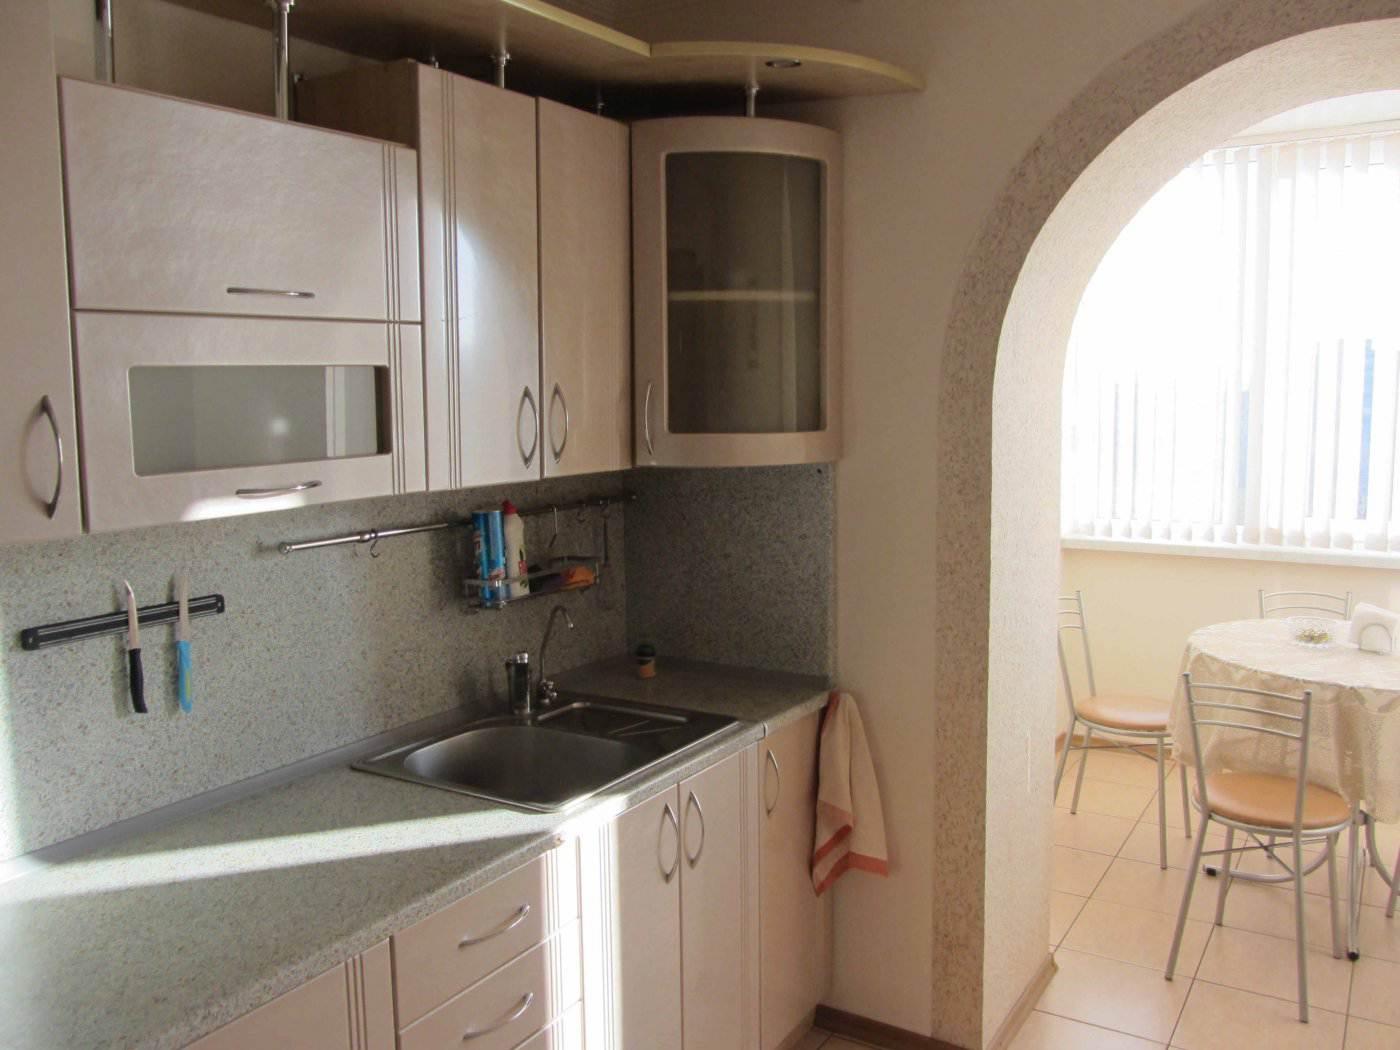 Планировка кухни 9 метров с холодильником: 70 фото идей диза.